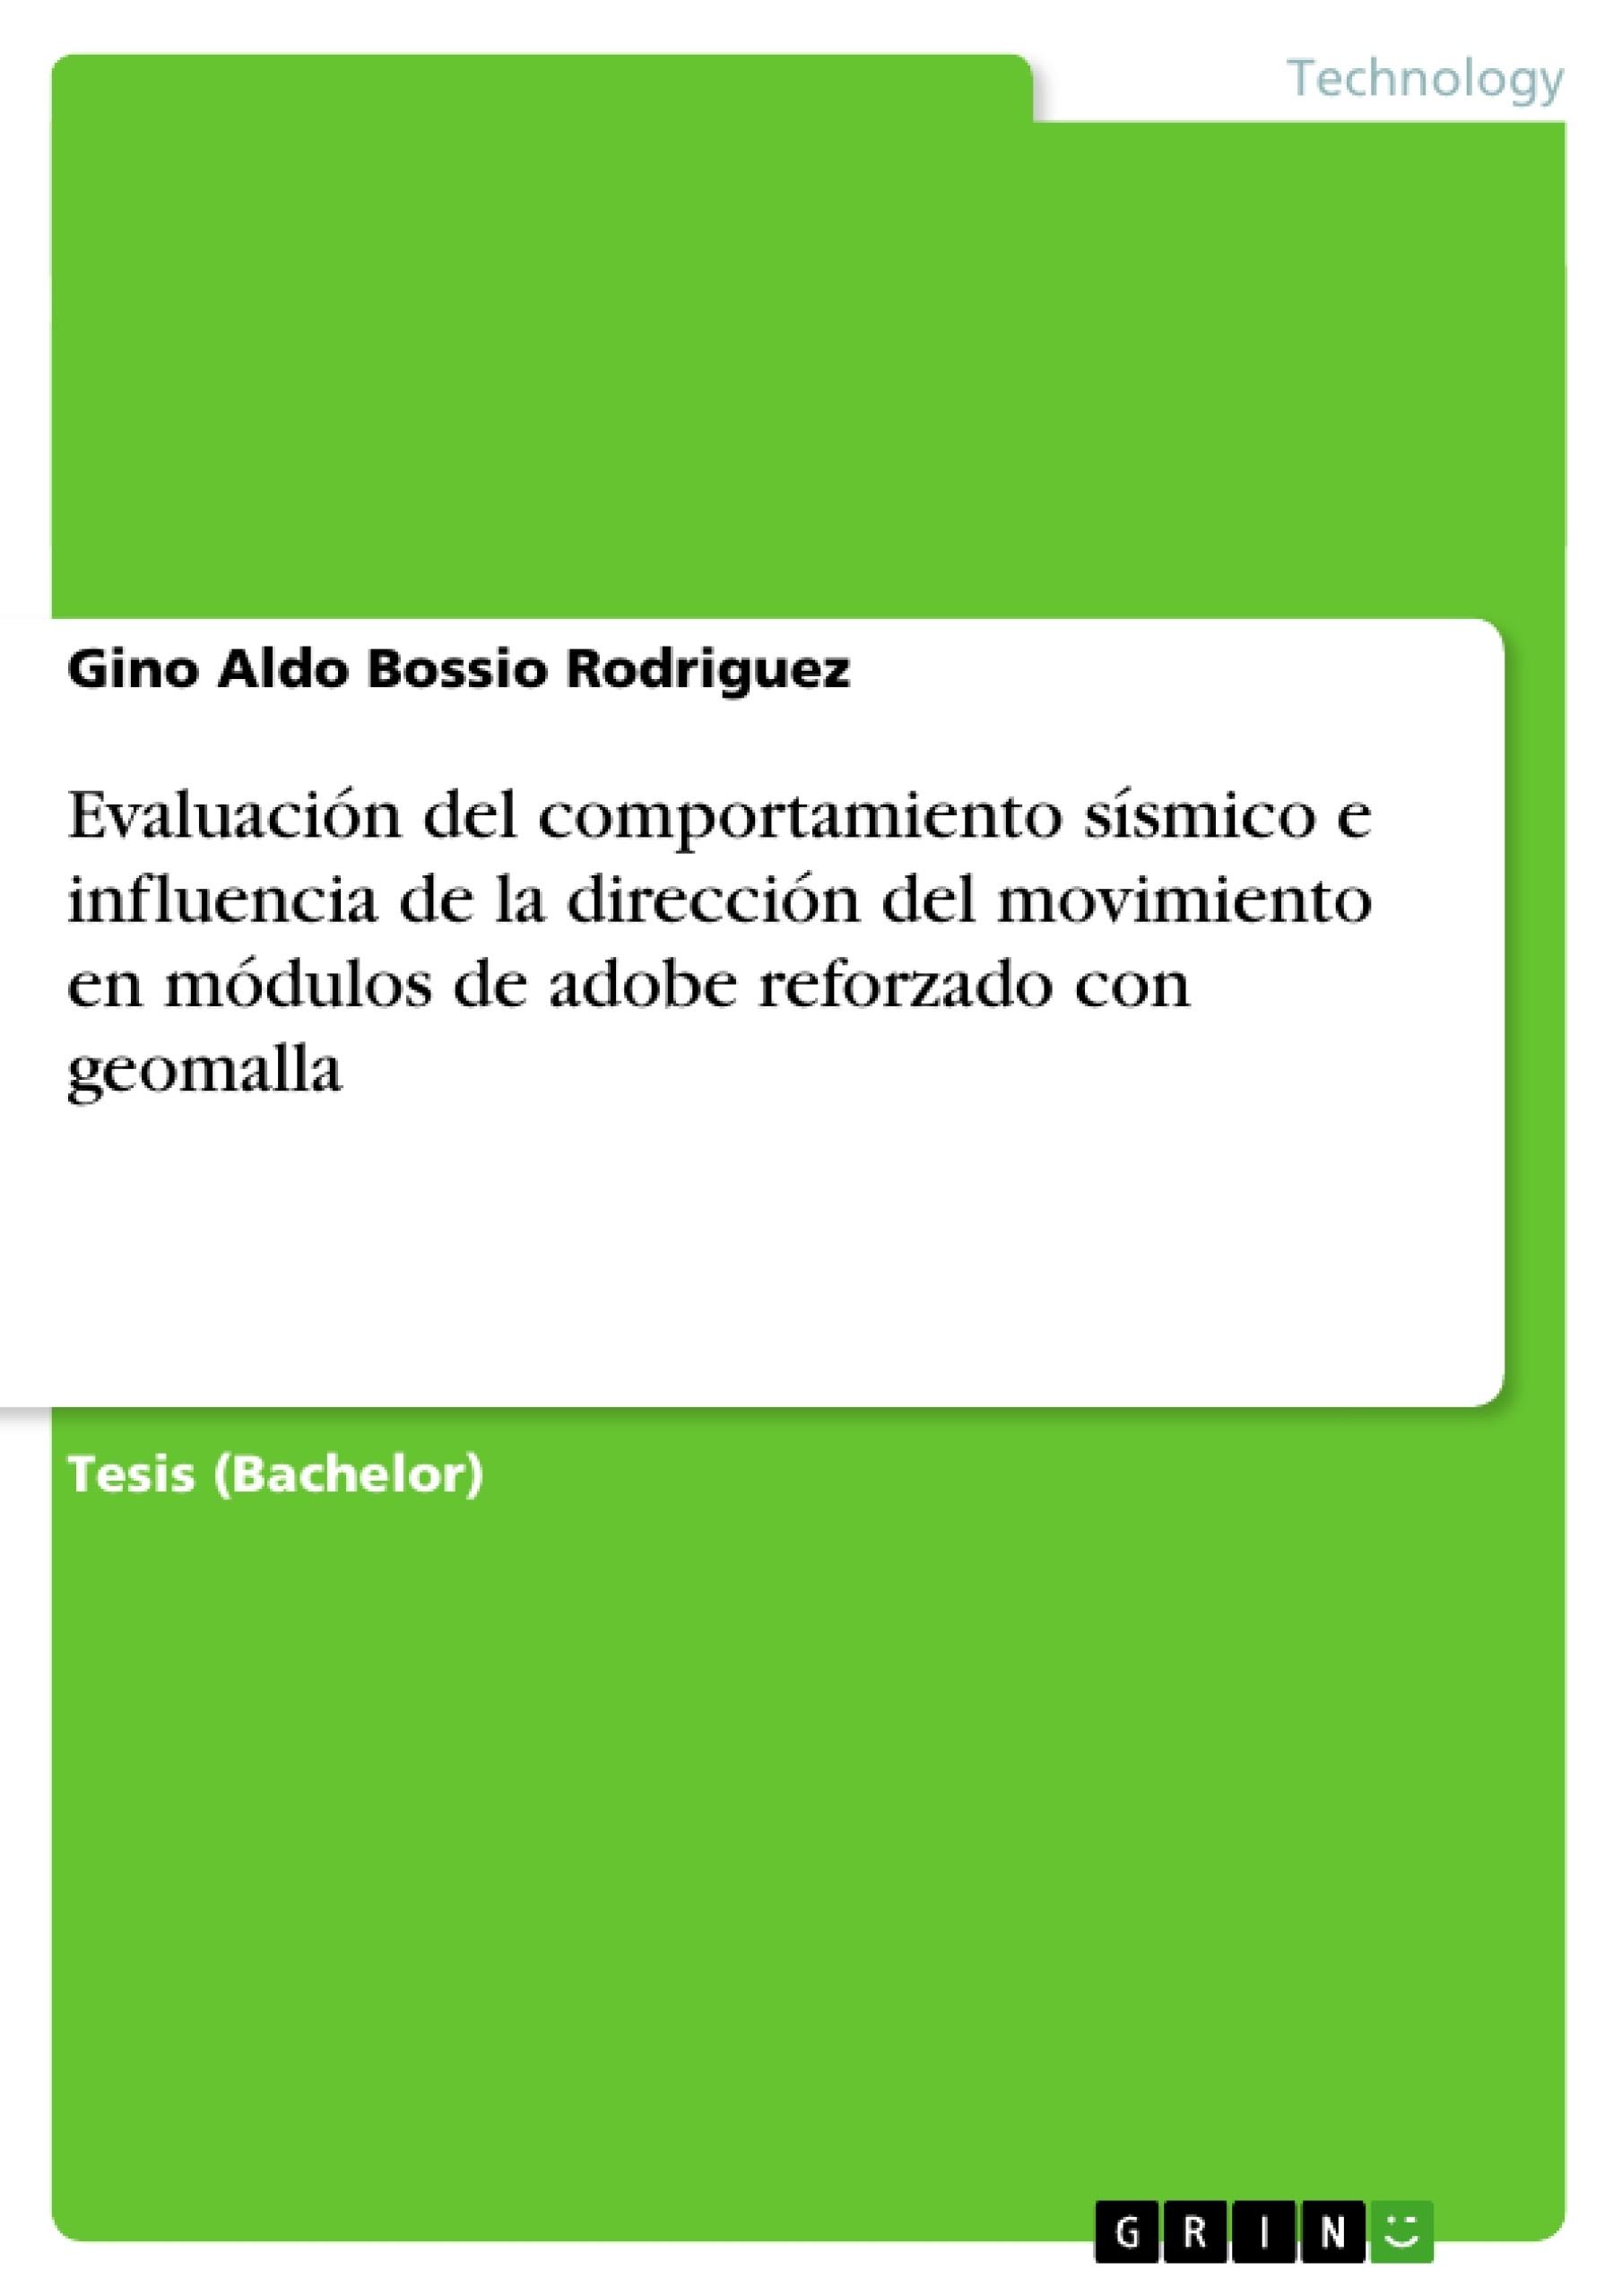 Título: Evaluación del comportamiento sísmico e influencia de la dirección del movimiento en módulos de adobe reforzado con geomalla